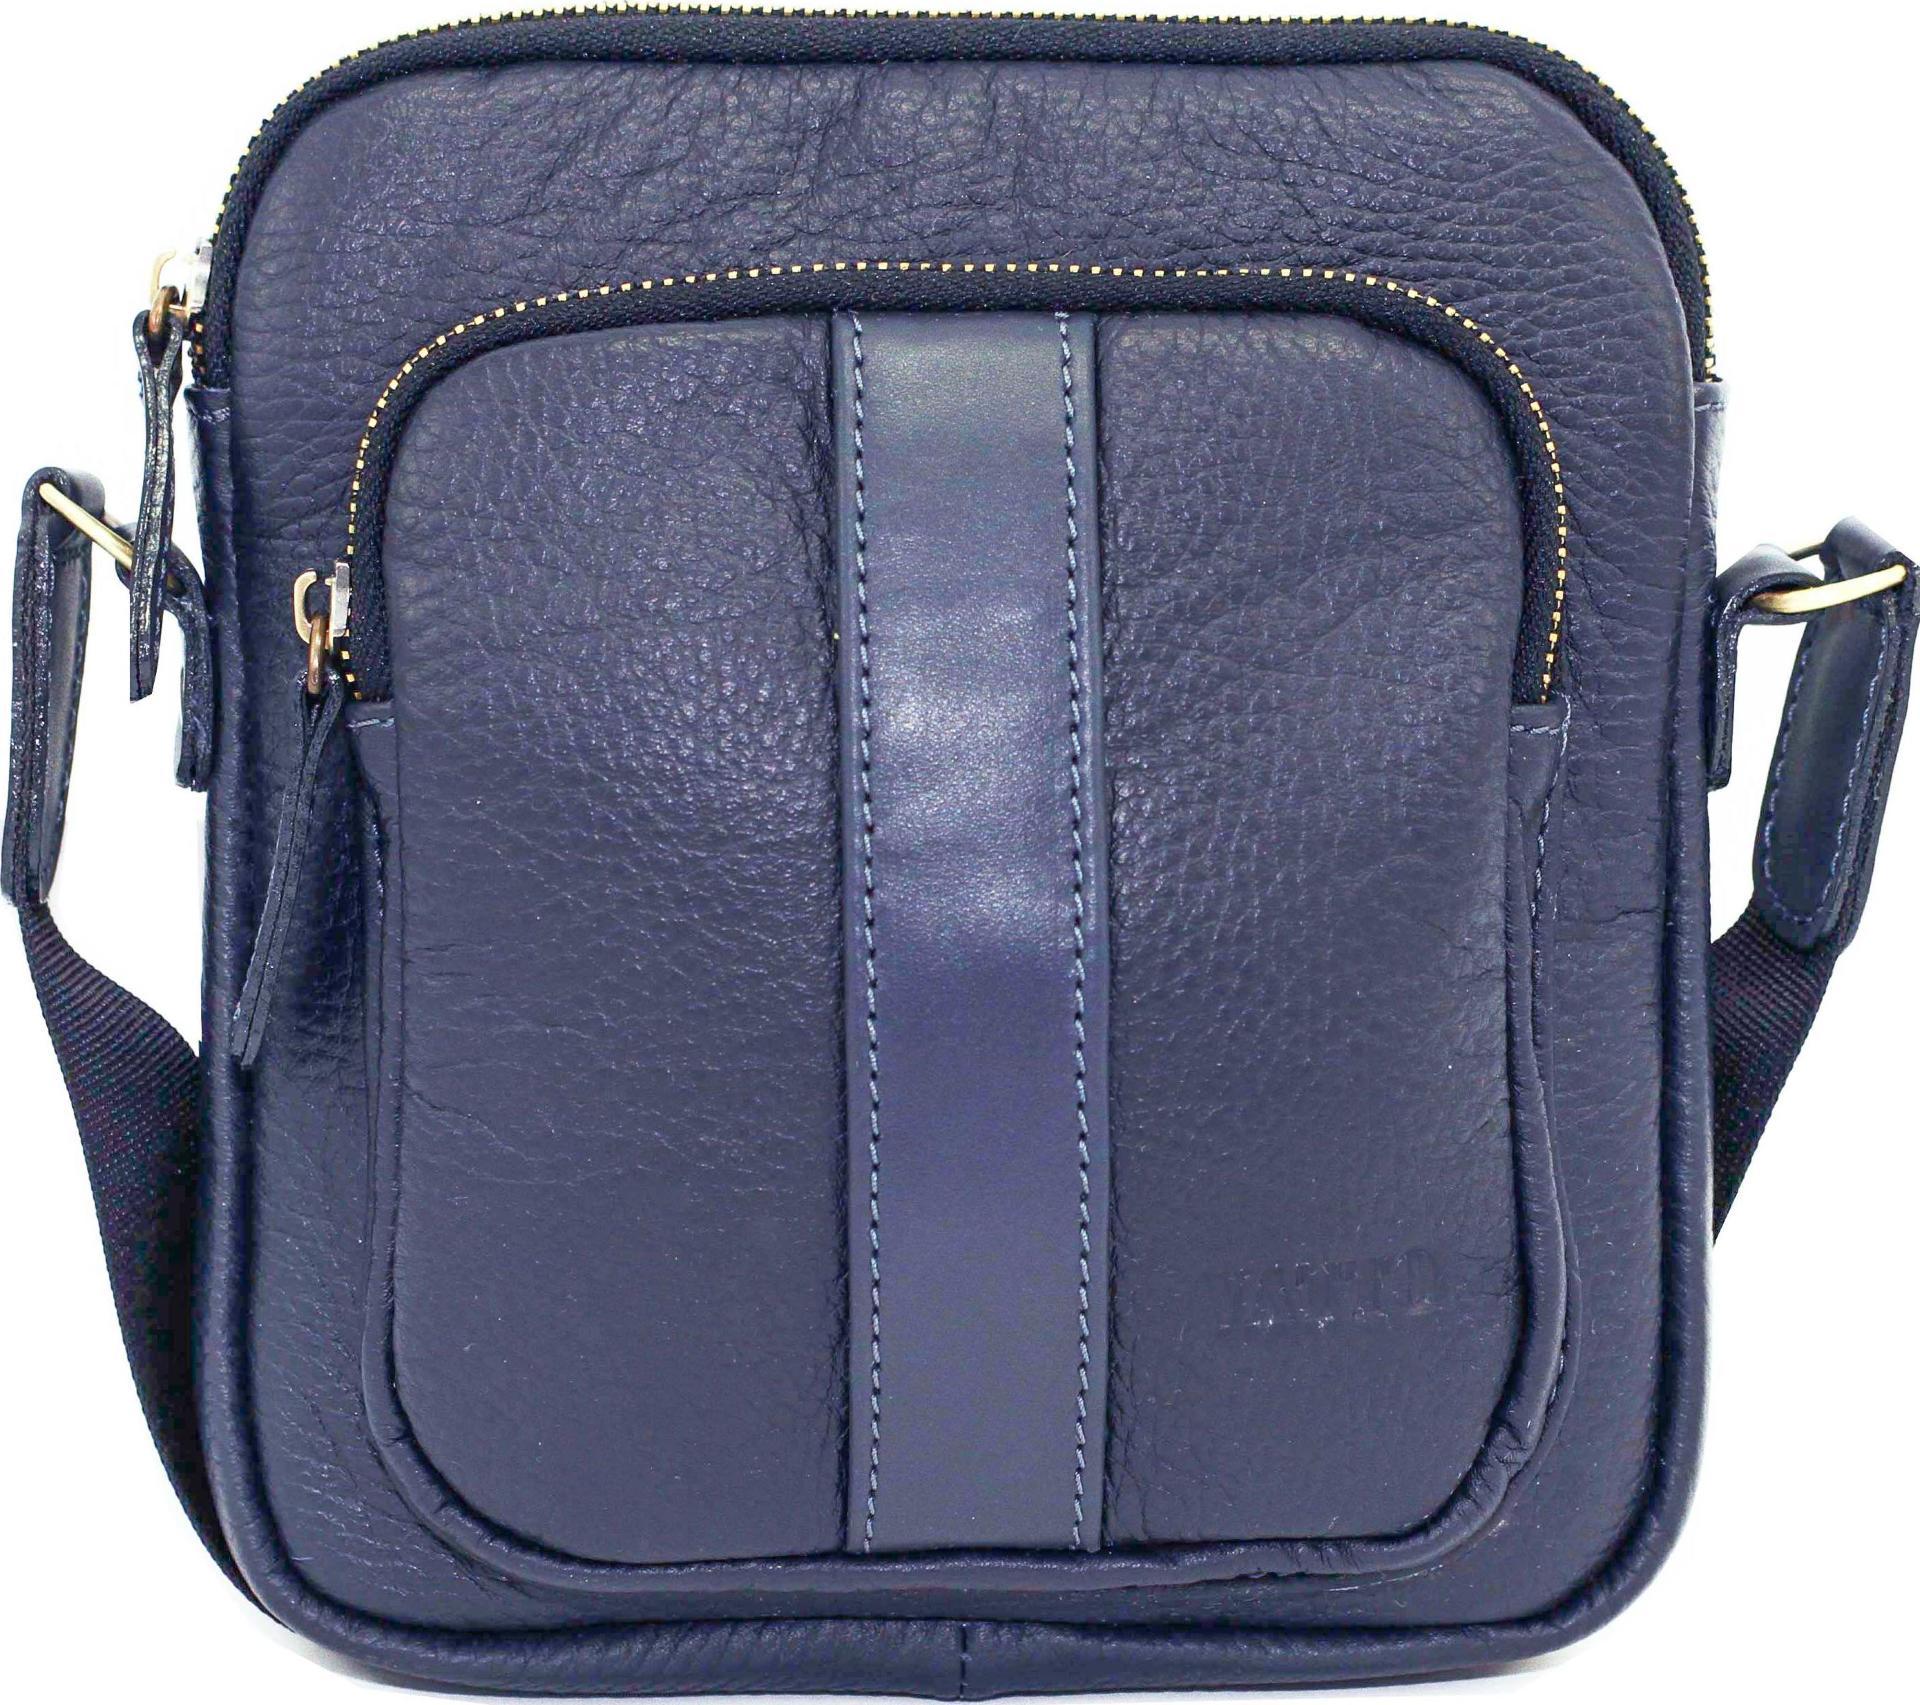 5d1c12950dd5 Синяя мужская сумка небольшого размера VATTO (12084) купить в Киеве ...